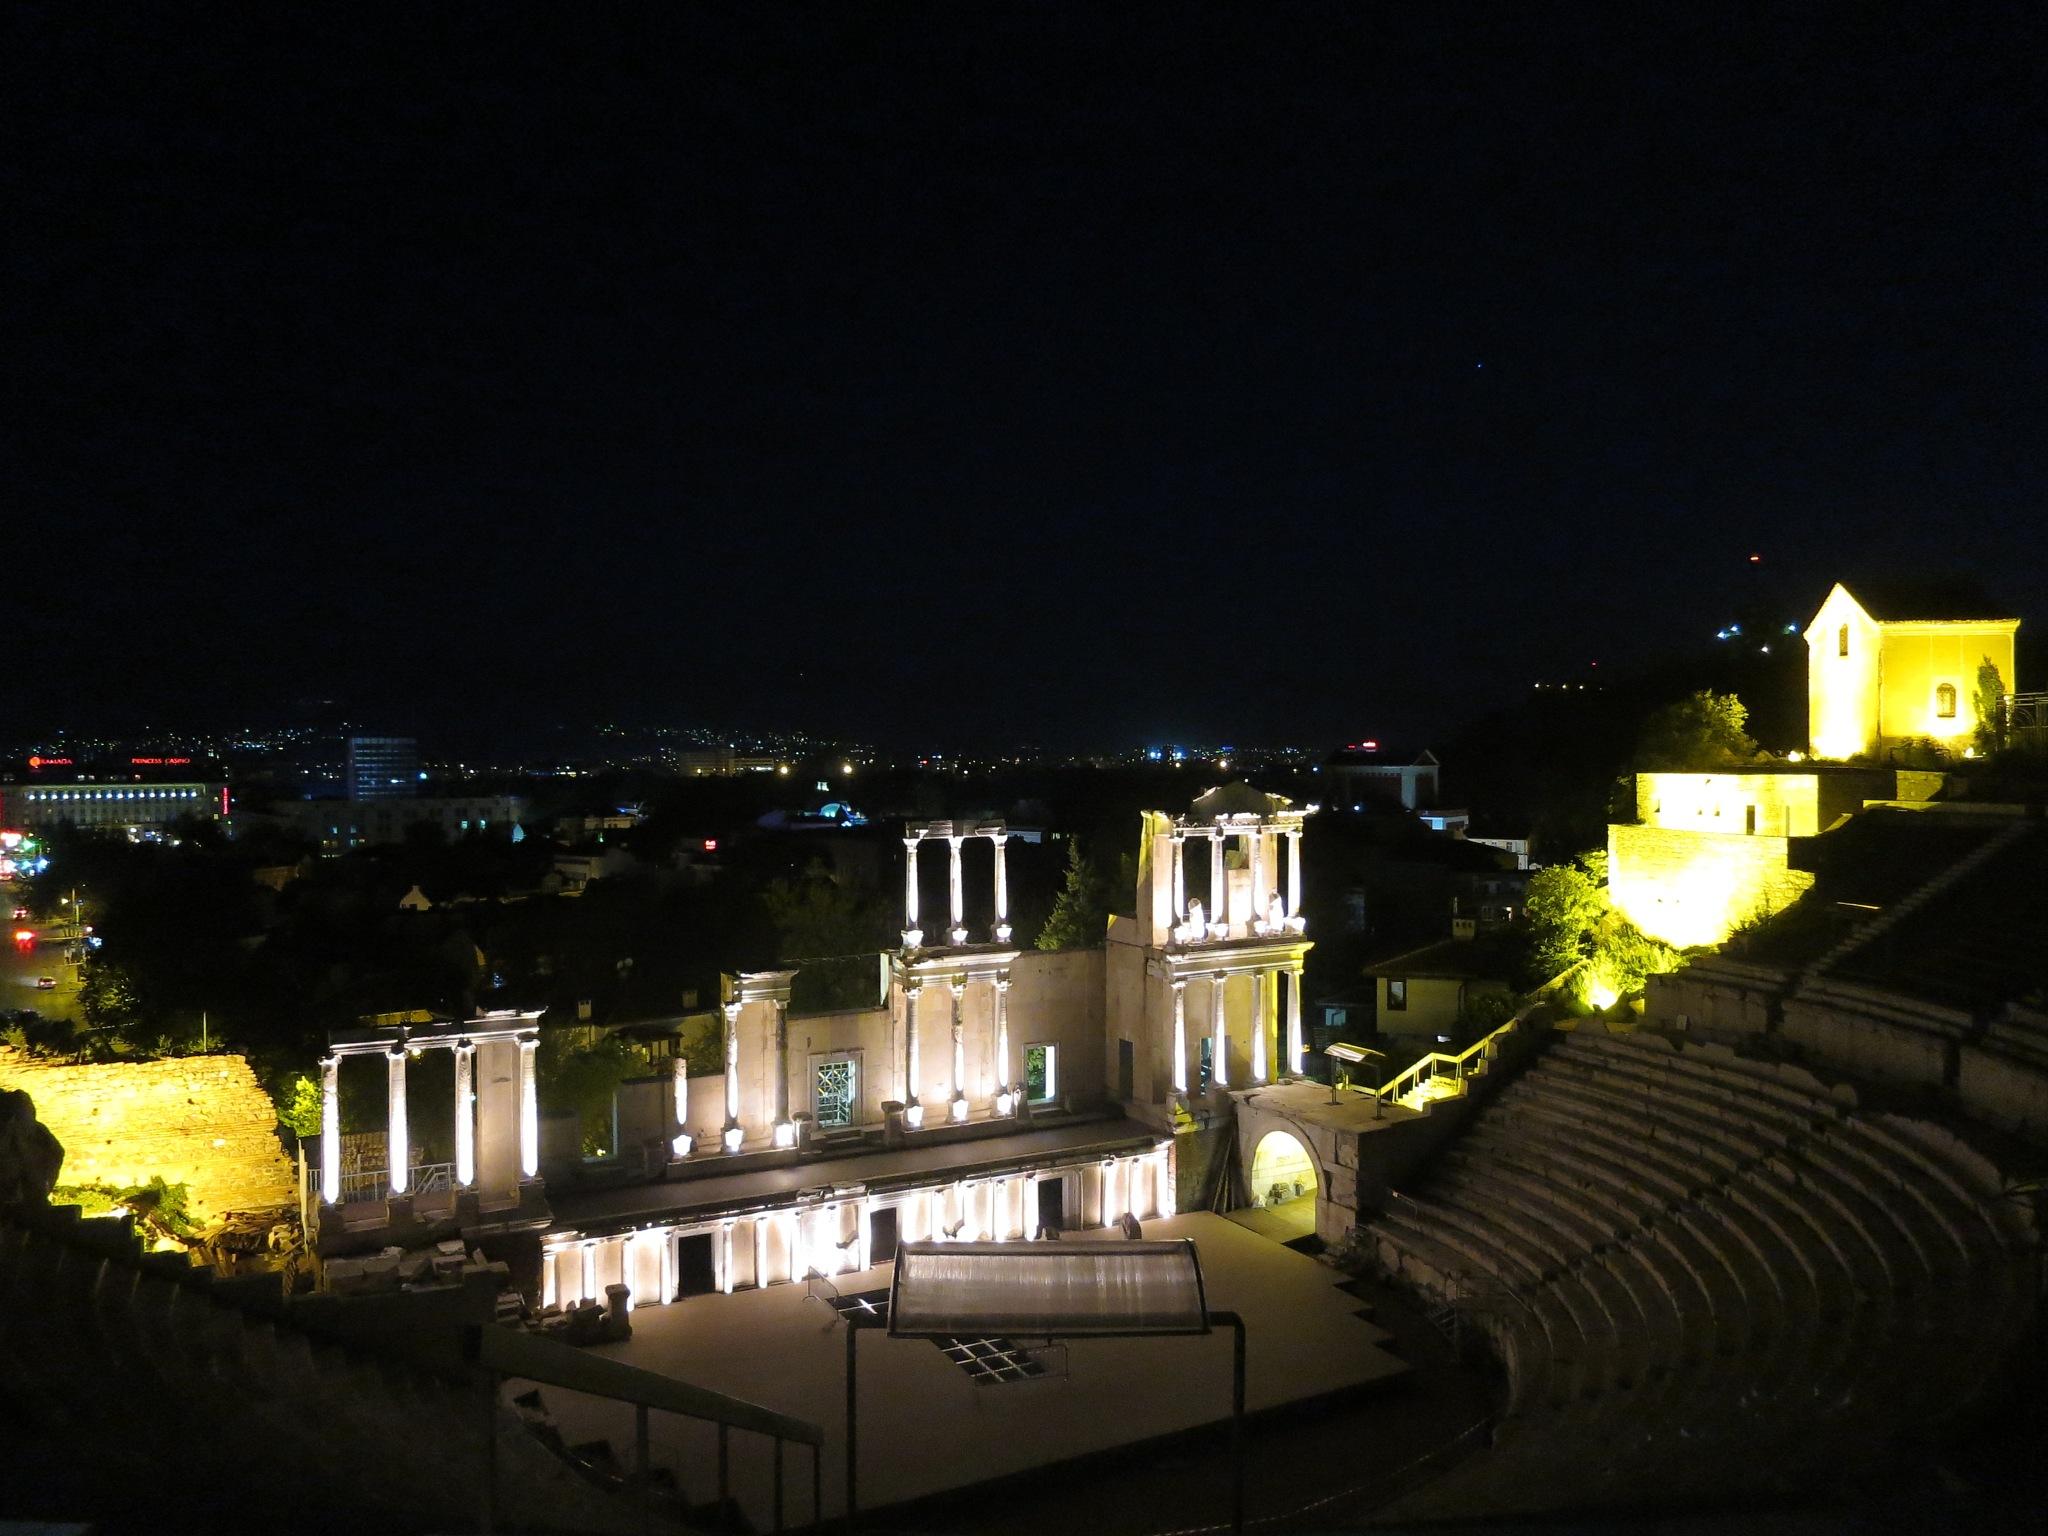 Plovdiv 14 by GraemeLeePollard